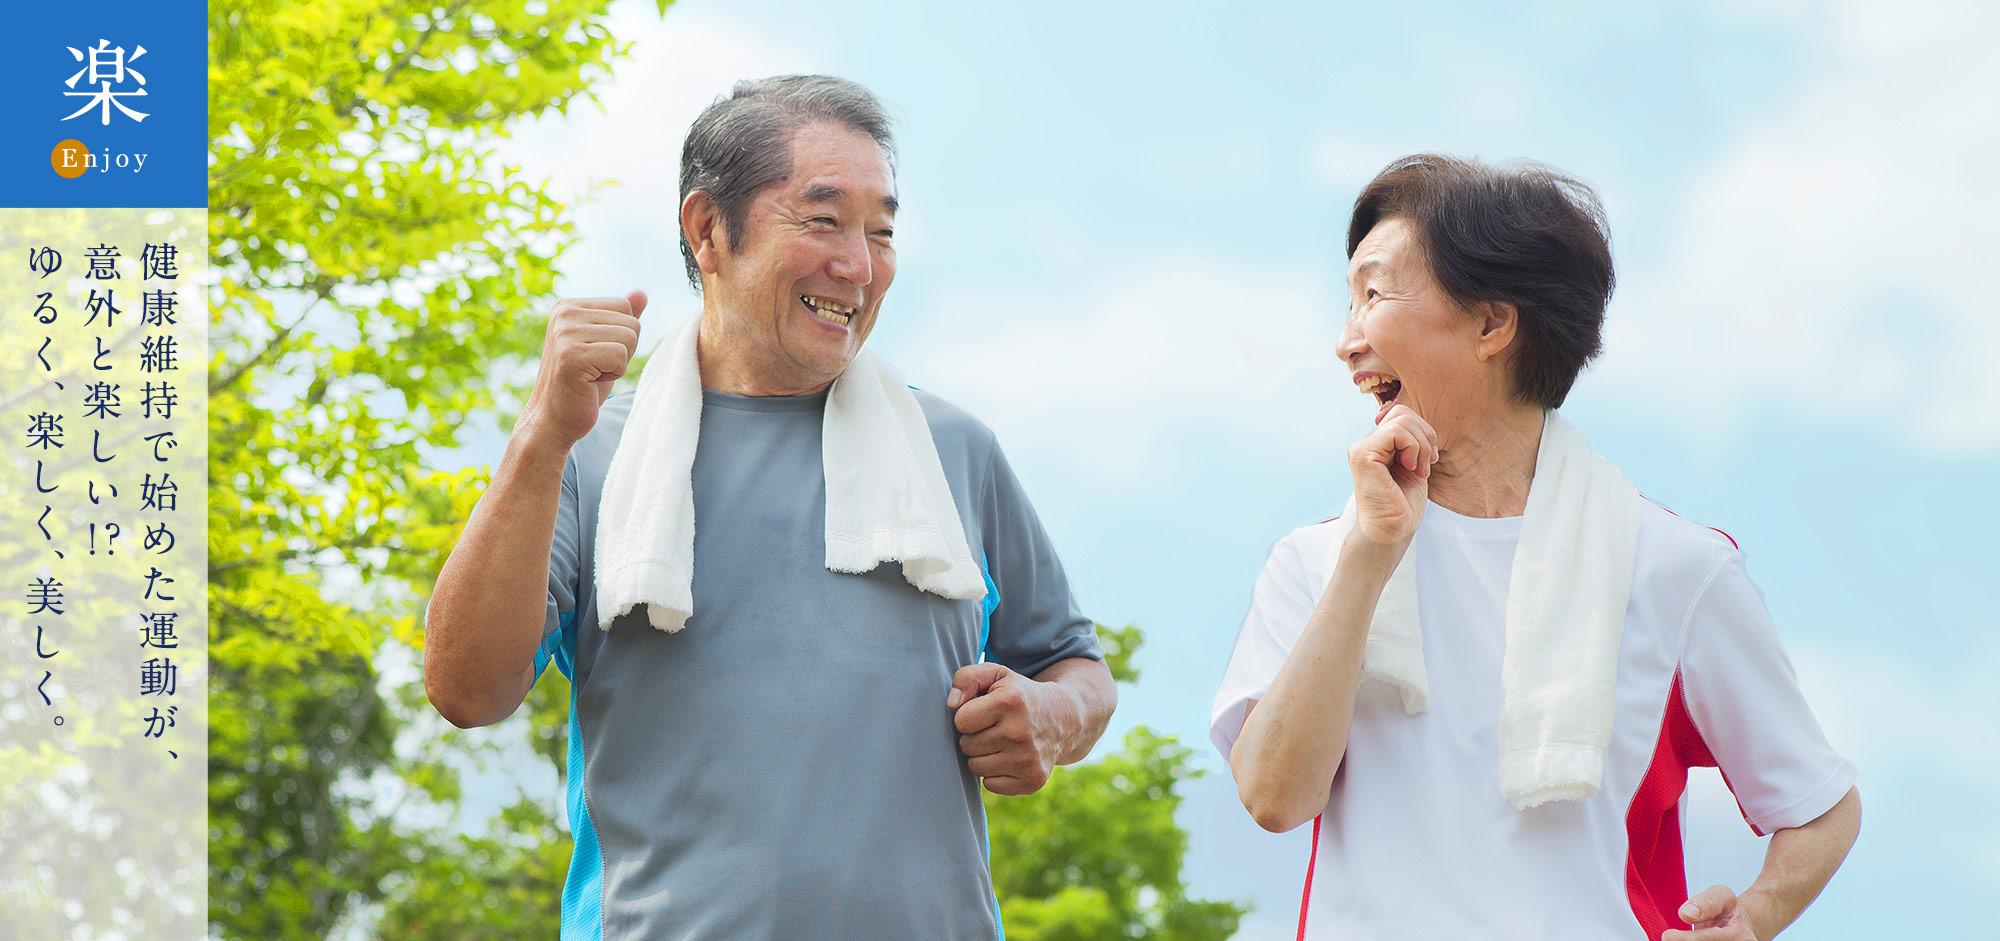 健康維持で始めた運動が、意外と楽しい!?